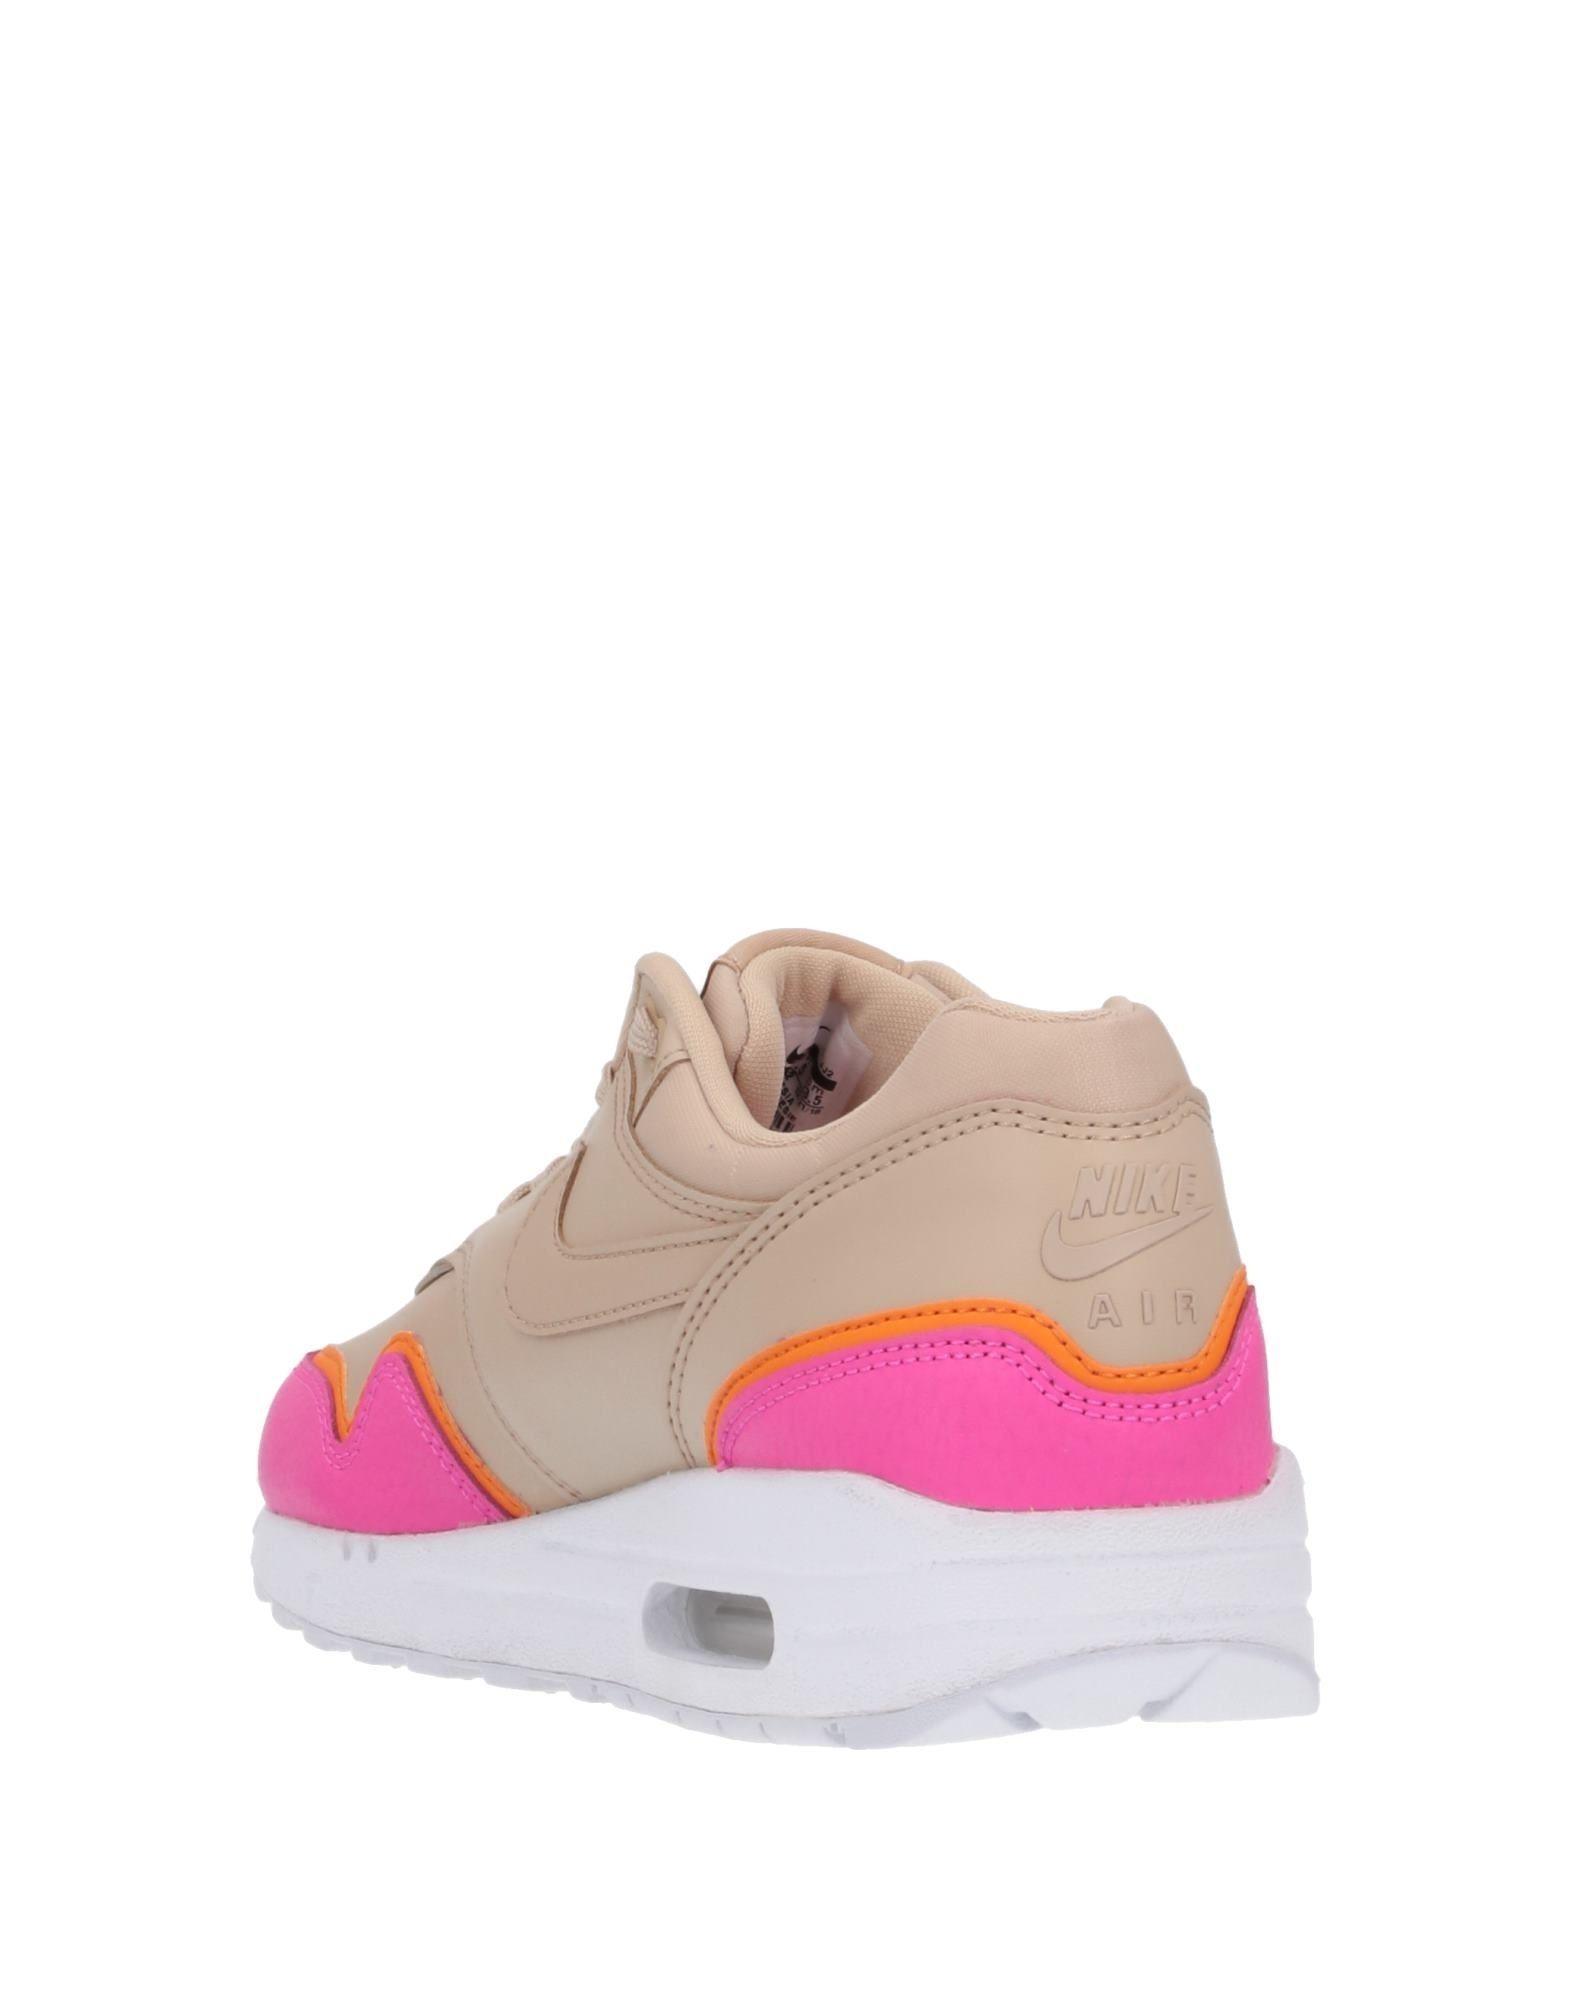 Sneakers & Tennis basses Caoutchouc Nike en coloris Neutre a6a5